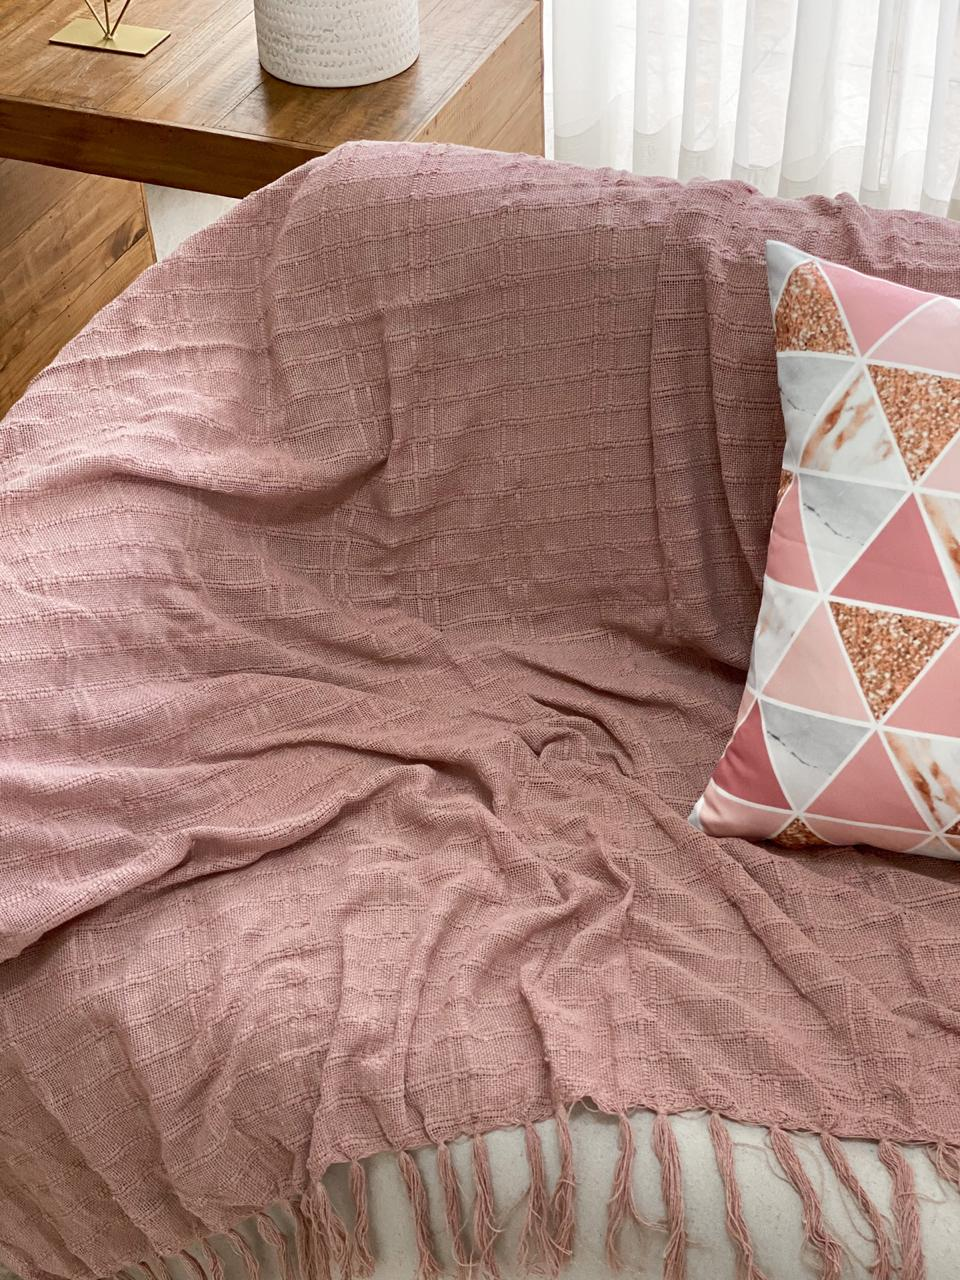 Manta Decorativa Algodão Rosa Antigo 140x180